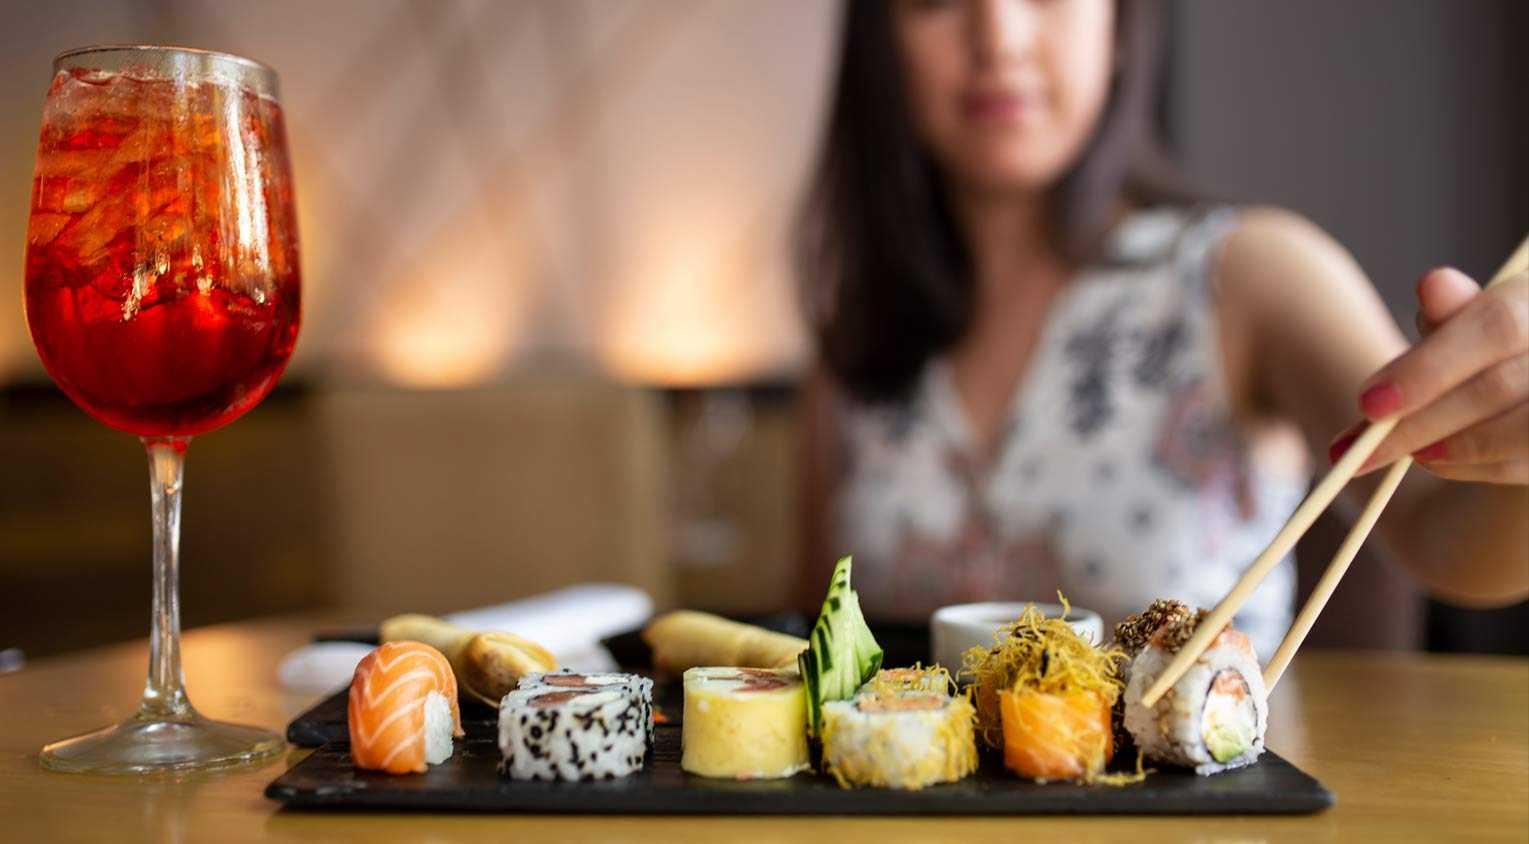 6 propuestas gastronómicas ideales festejar el Día de la Mujer - TopList Appétit